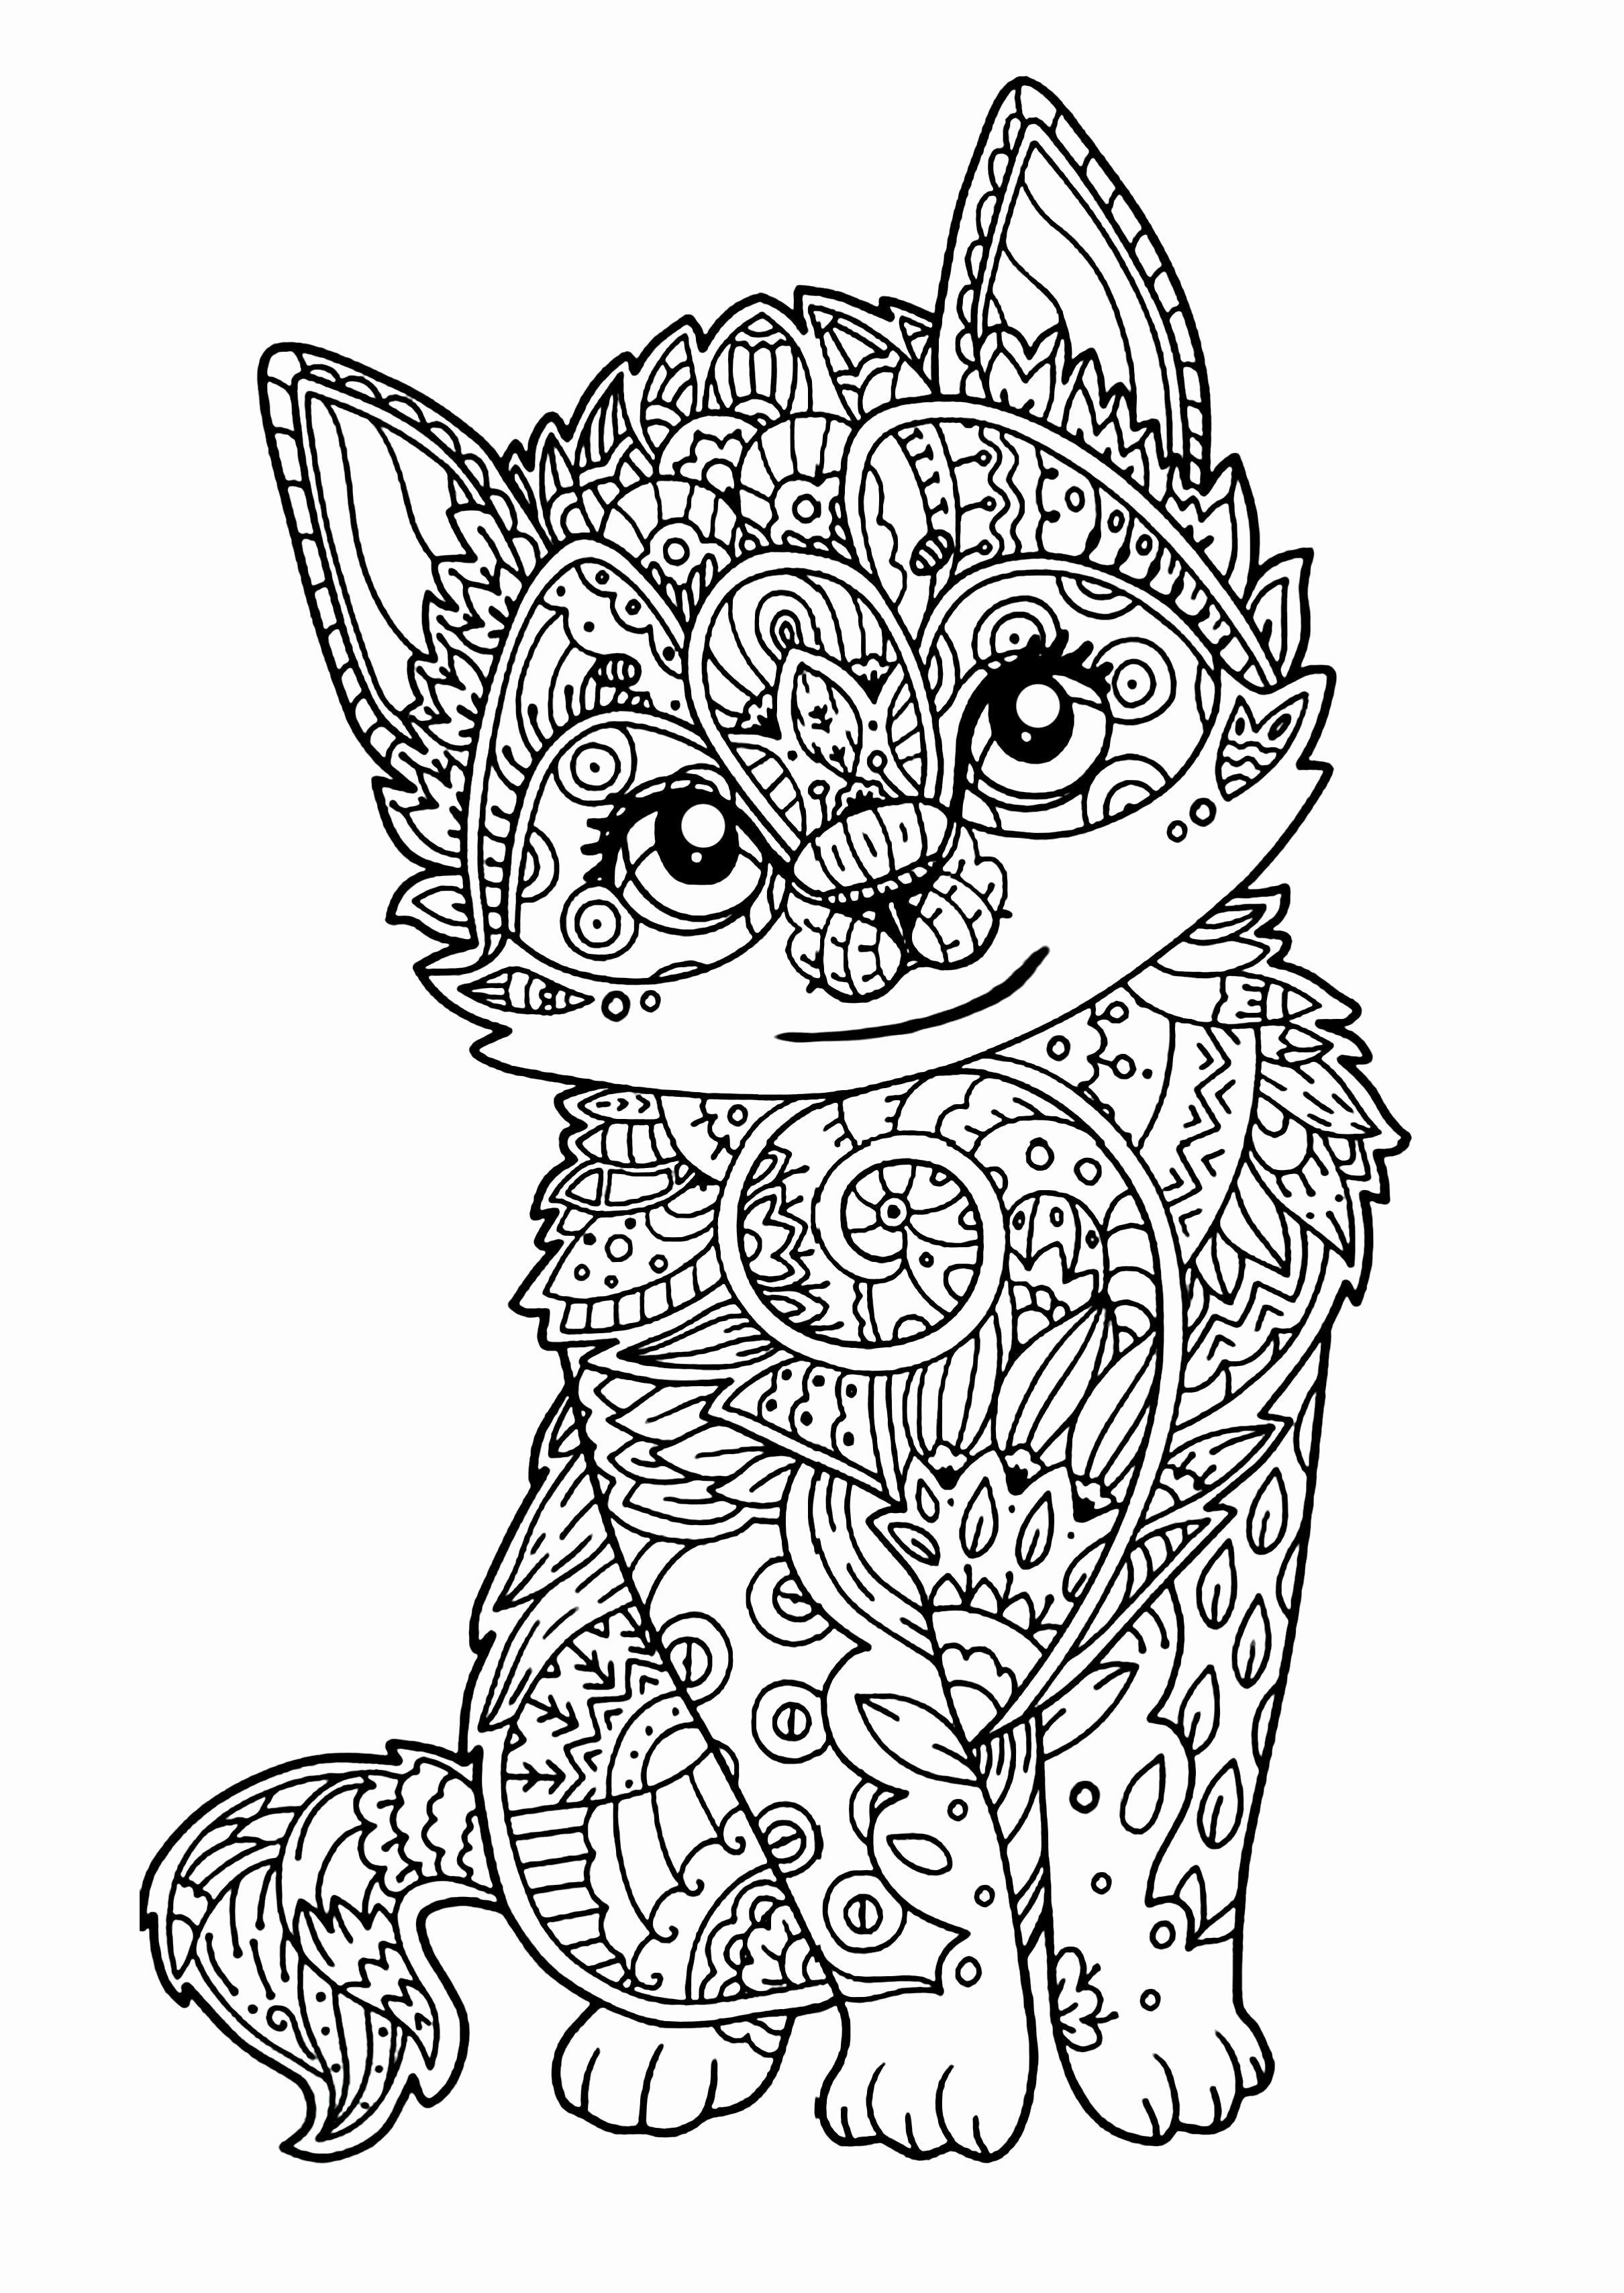 Cat Coloring Page Printable New 22 Kitty Cat Coloring Pages Printable Collection Coloring In 2020 Katze Zum Ausmalen Malvorlagen Tiere Malvorlagen Zum Ausdrucken